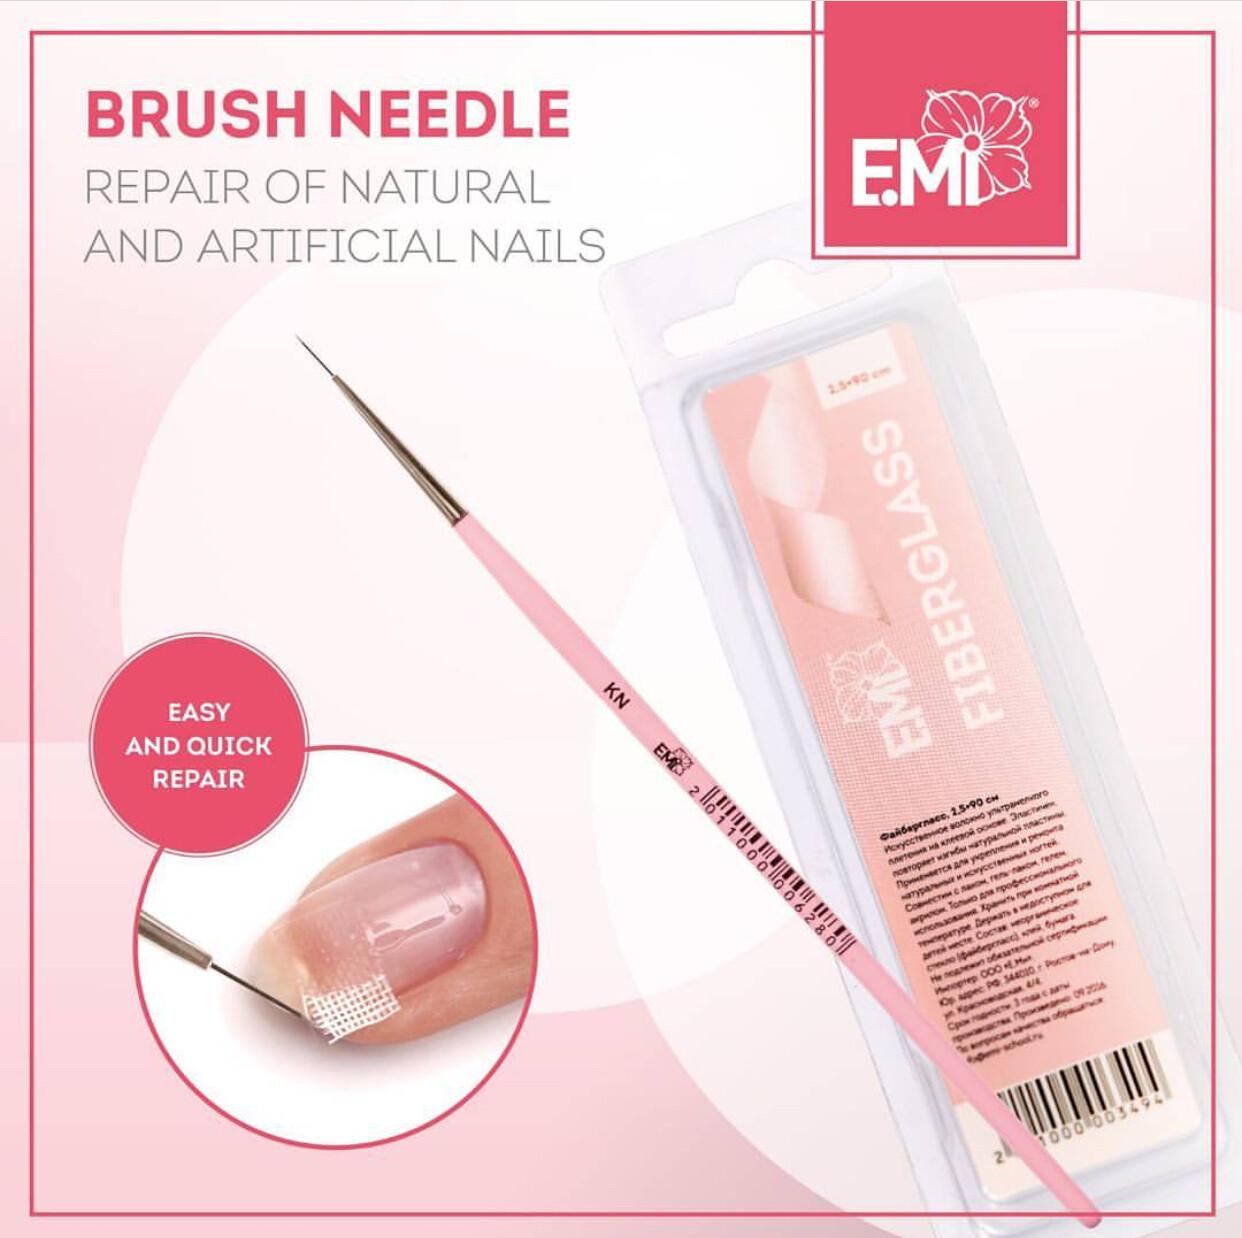 Brush Needle